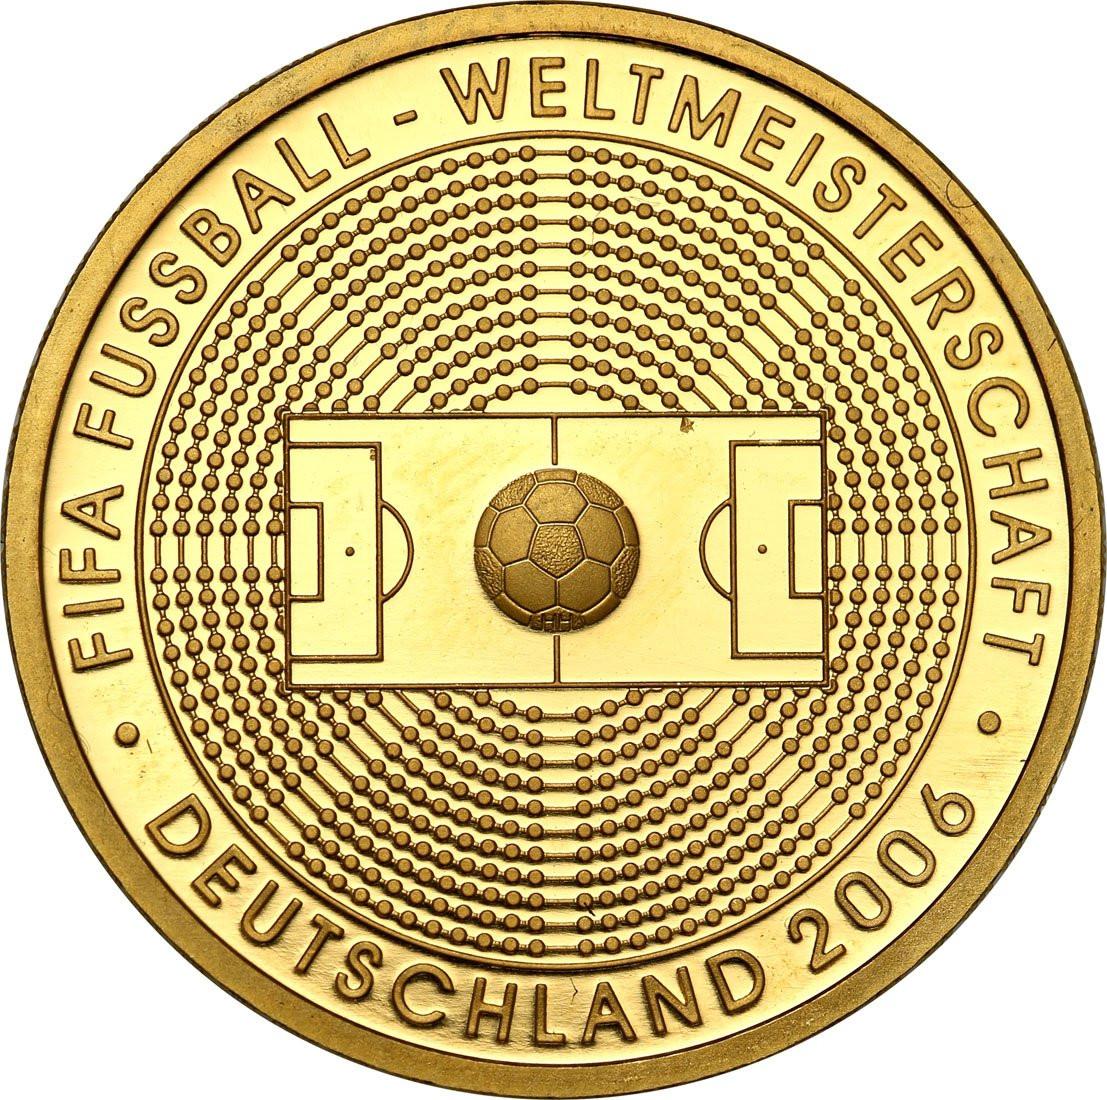 Niemcy 100 euro 2013 FIFA Ogród - 1/2 uncji złota